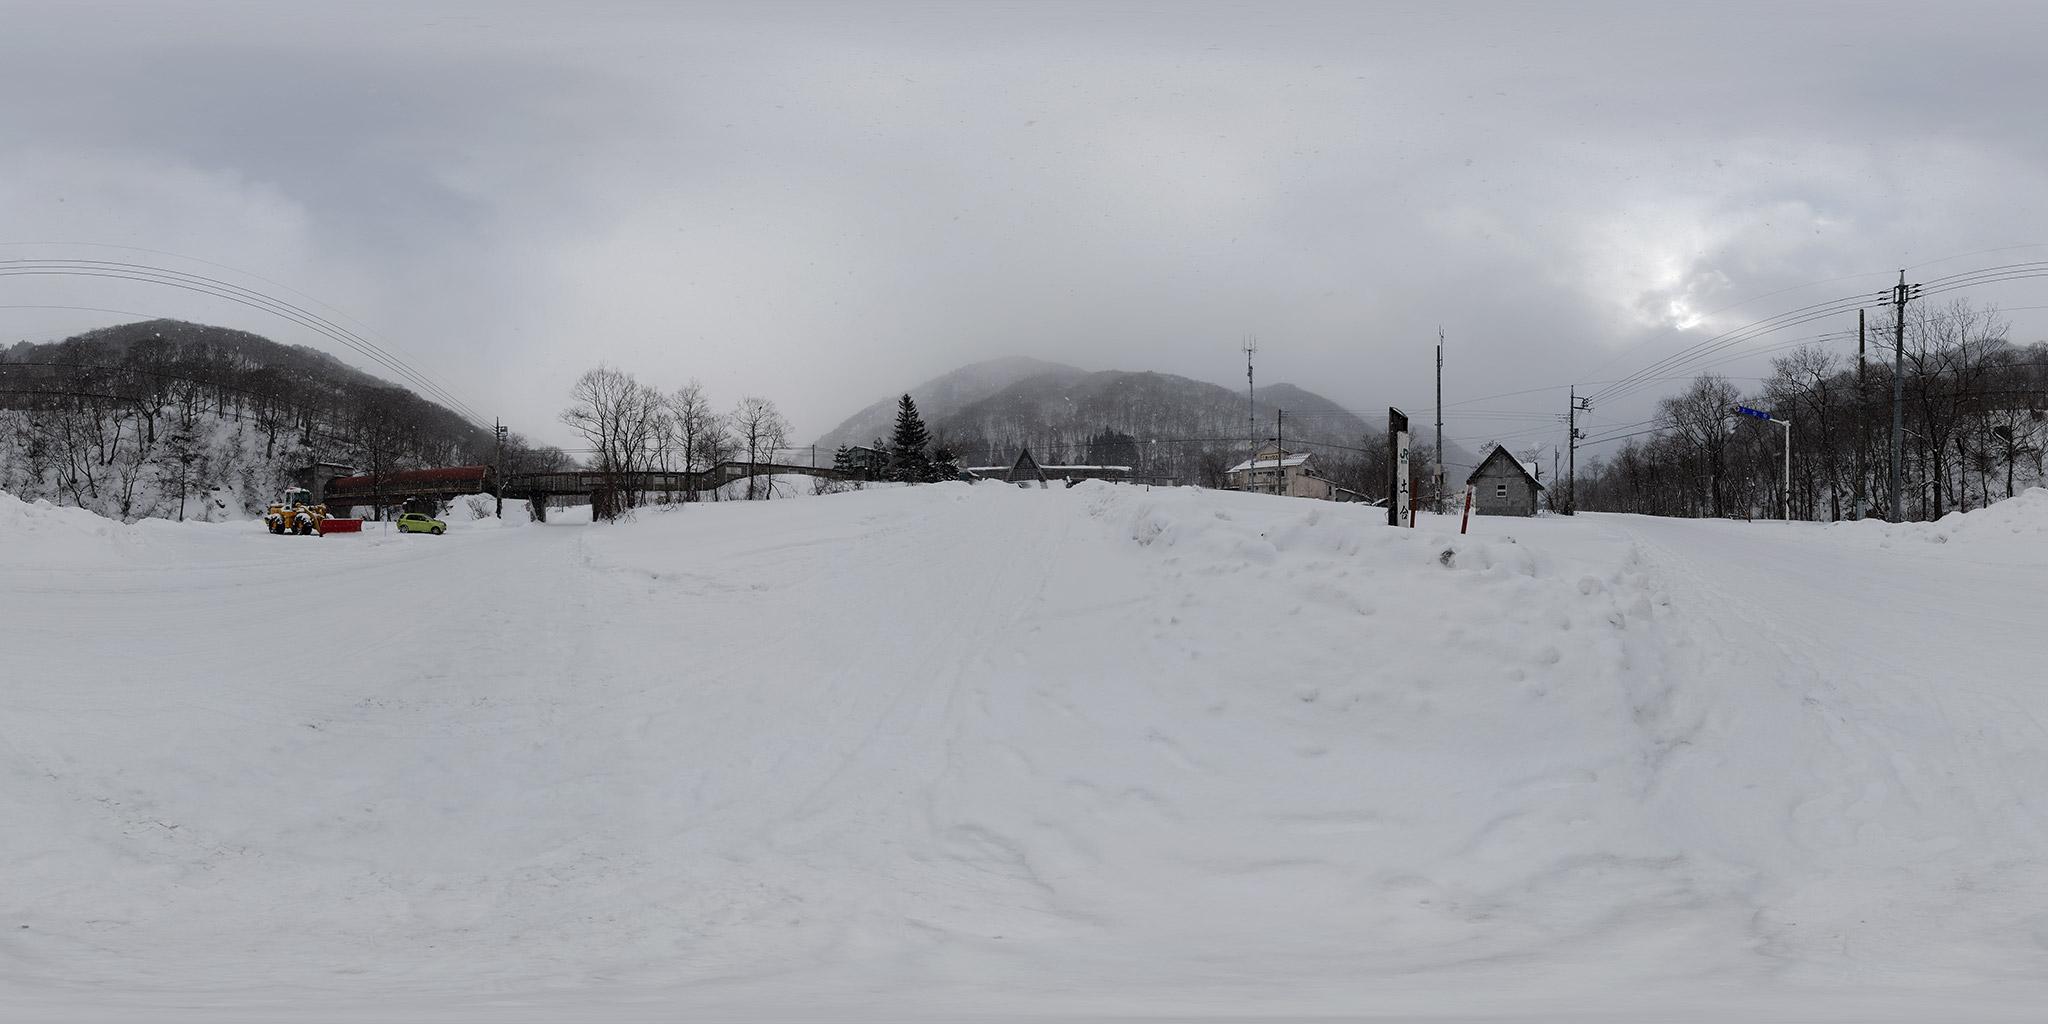 雪の土合駅前